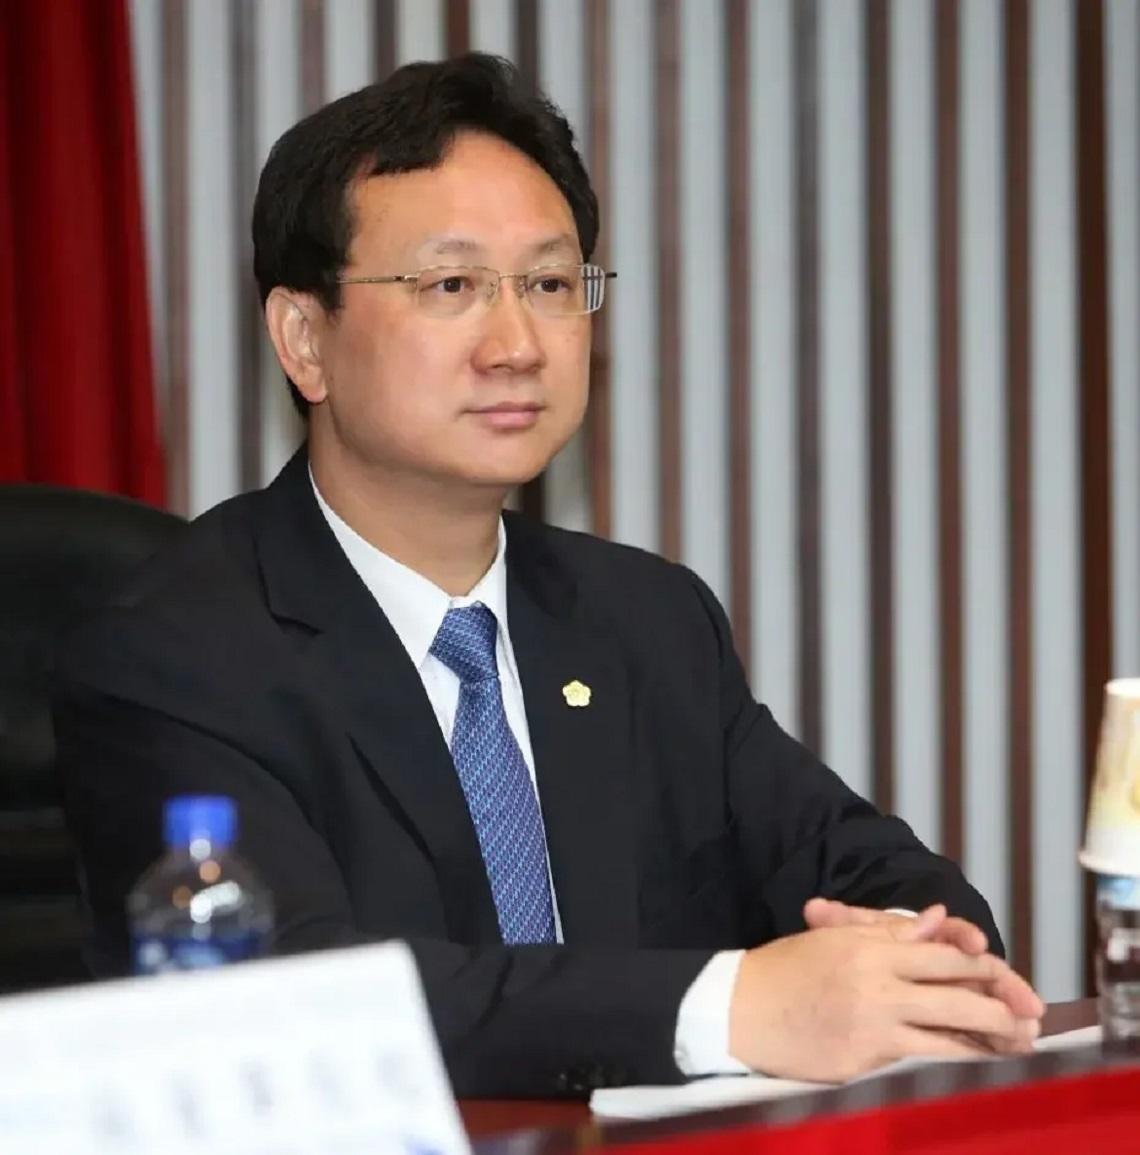 國防兩岸外交首長留任 童振源6月返台接僑委會